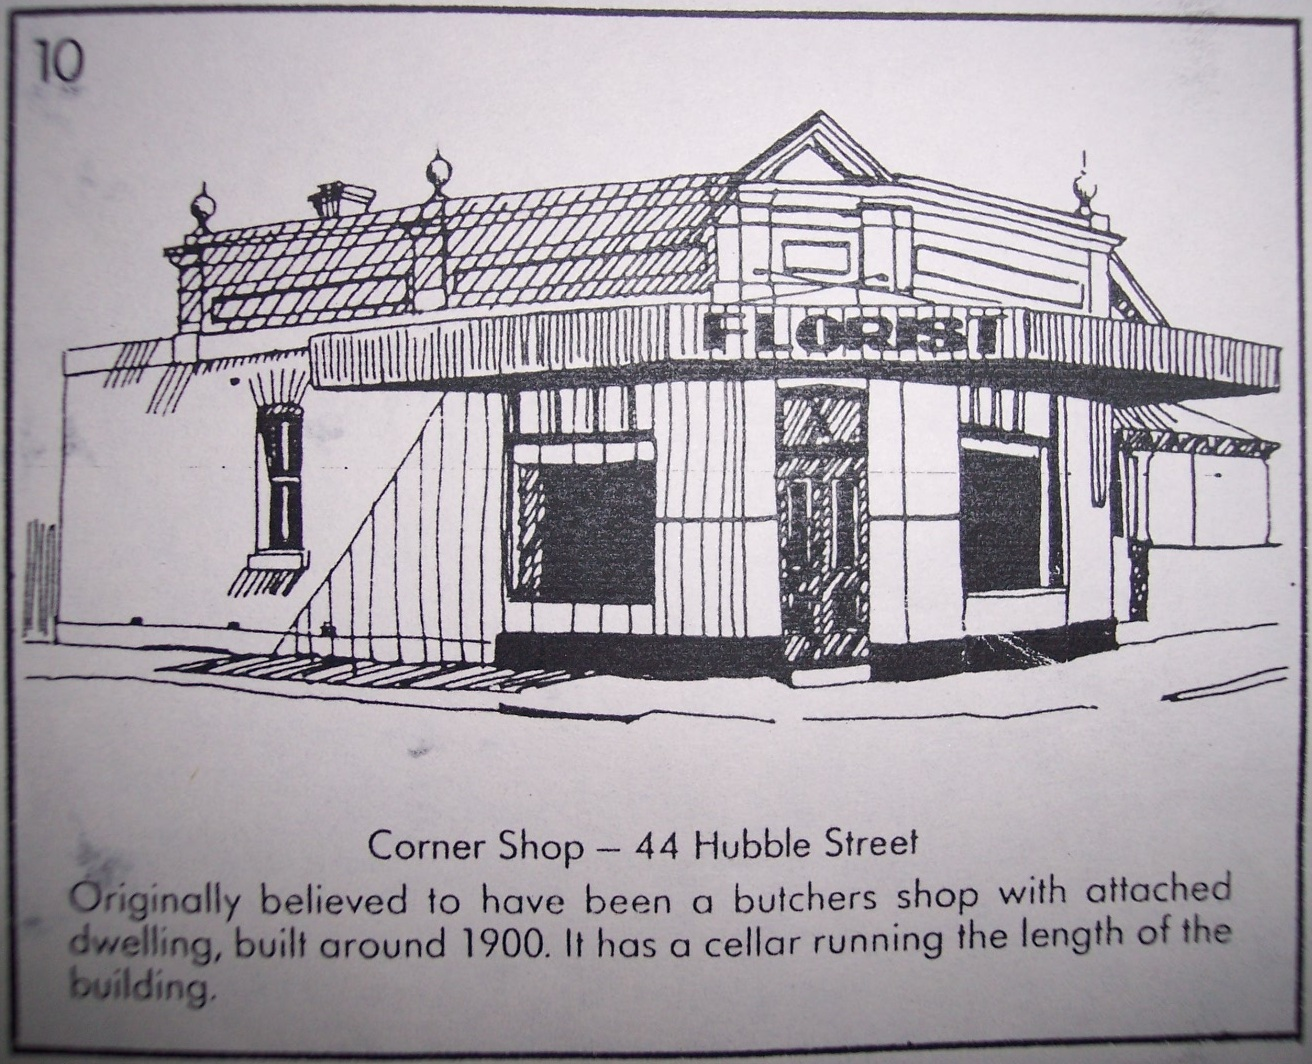 44 Hubble Street